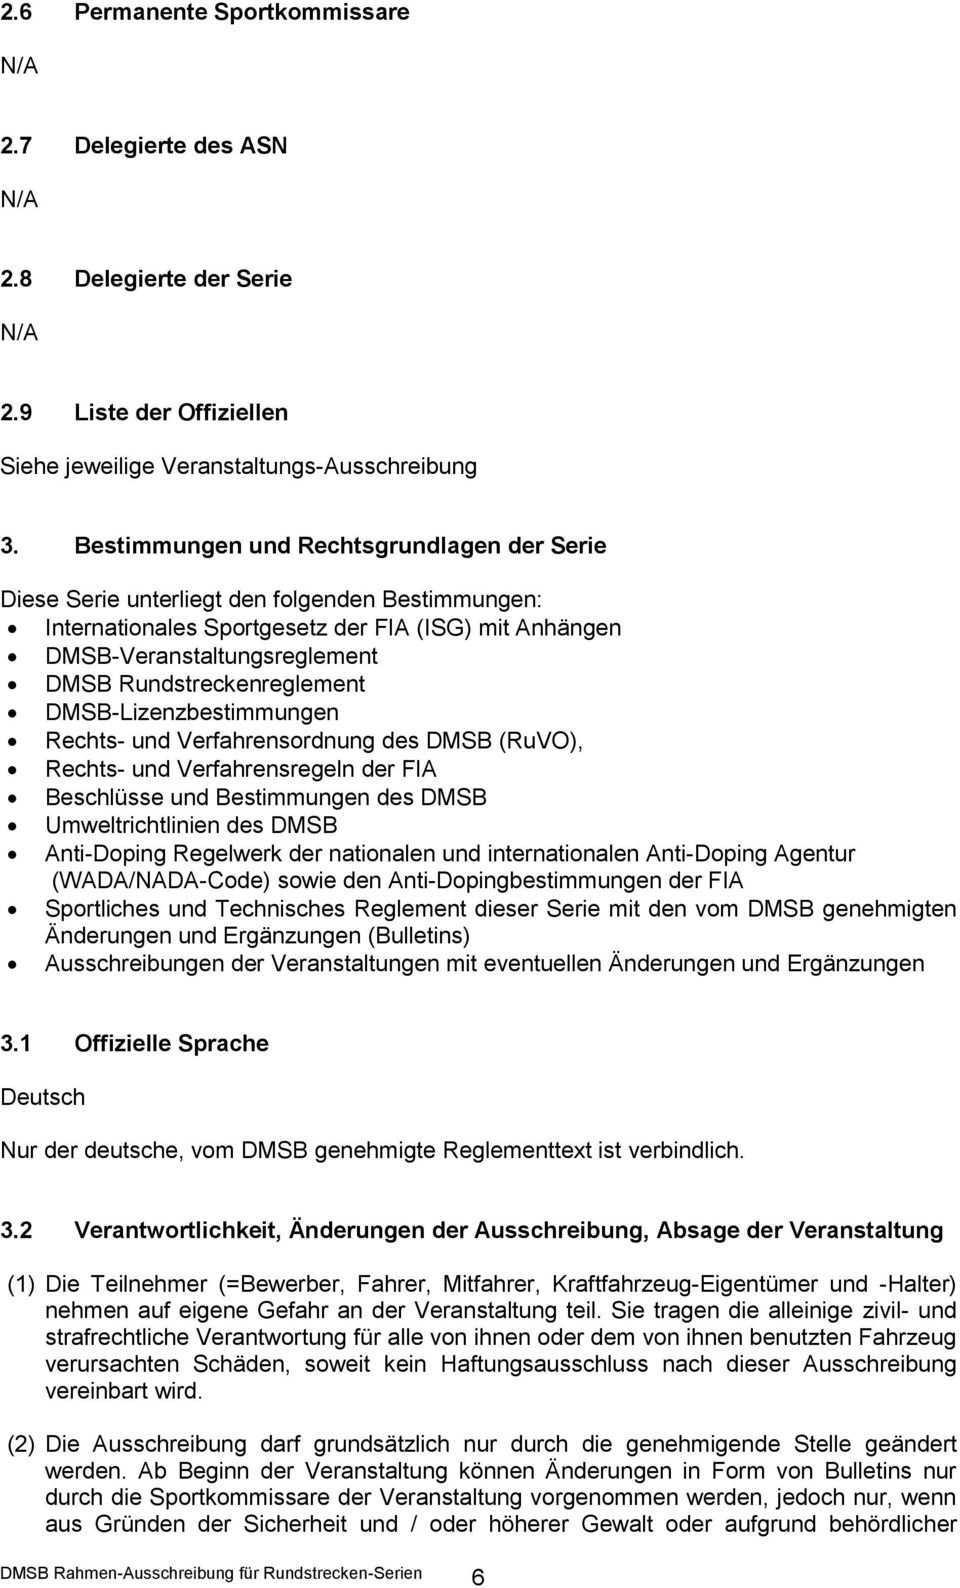 Rahmen Ausschreibung Fur Rundstrecken Serien Im Automobilsport Stand Pdf Kostenfreier Download